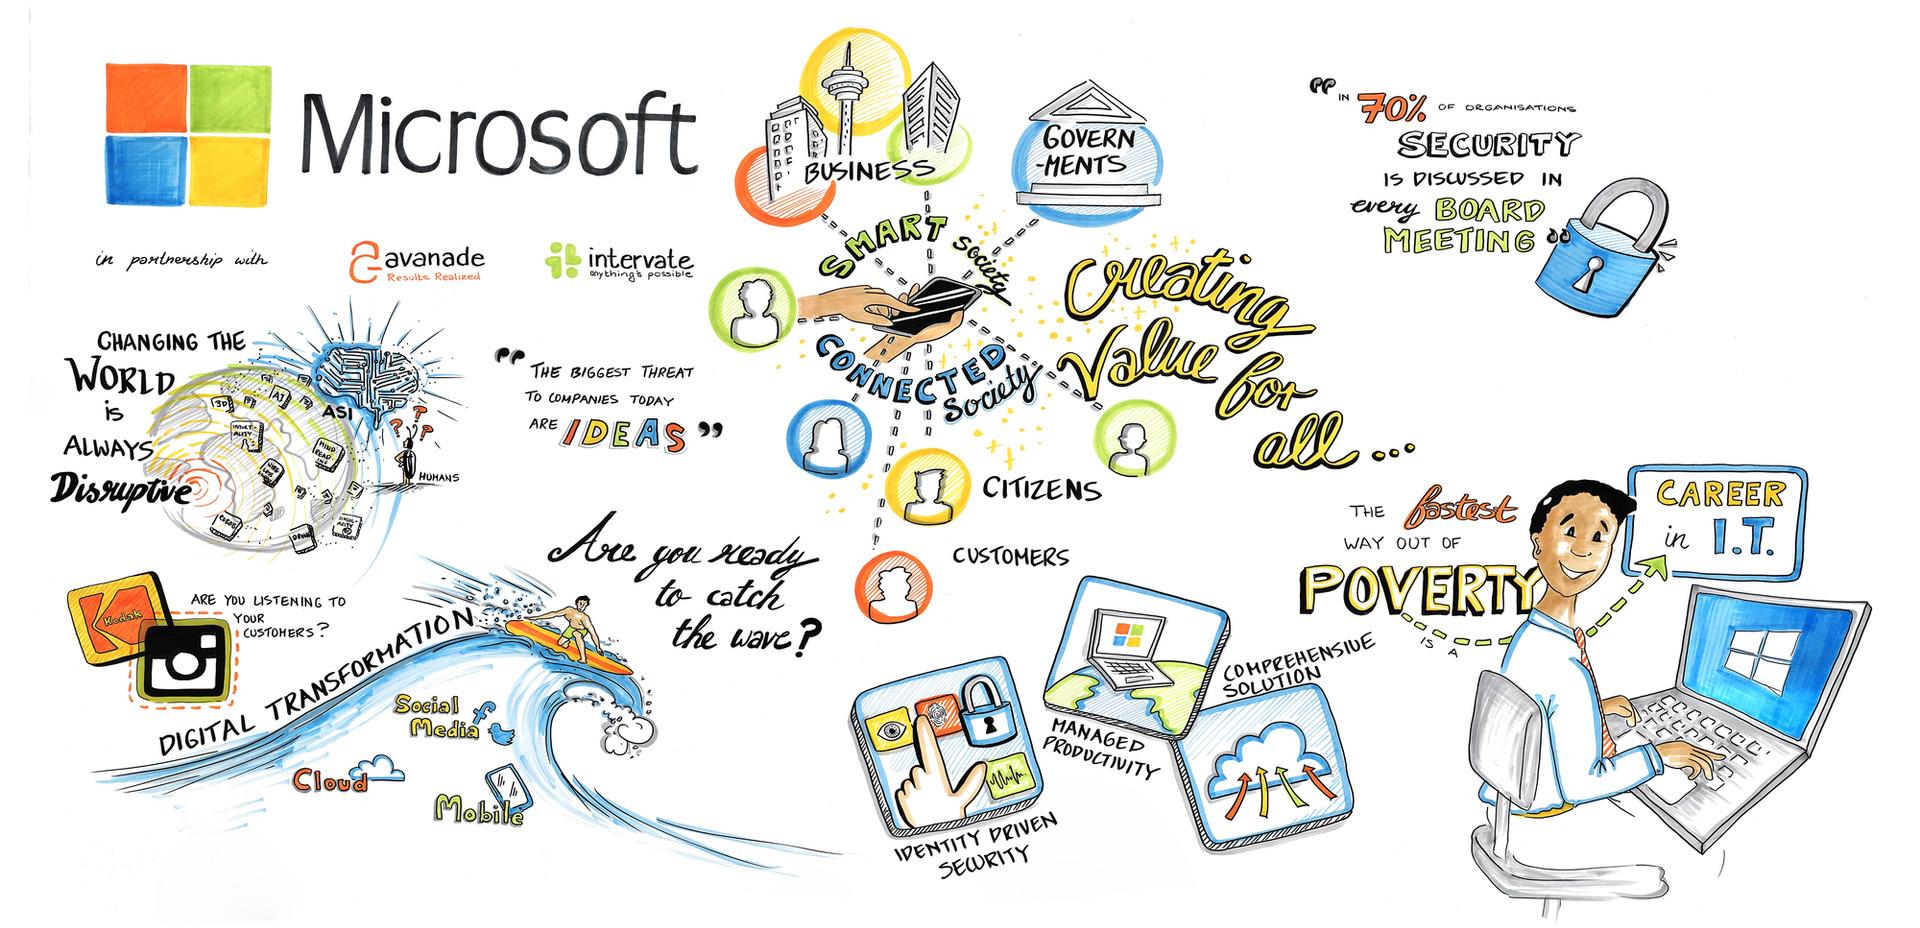 Microsoft - Enterprise Mobility Forum